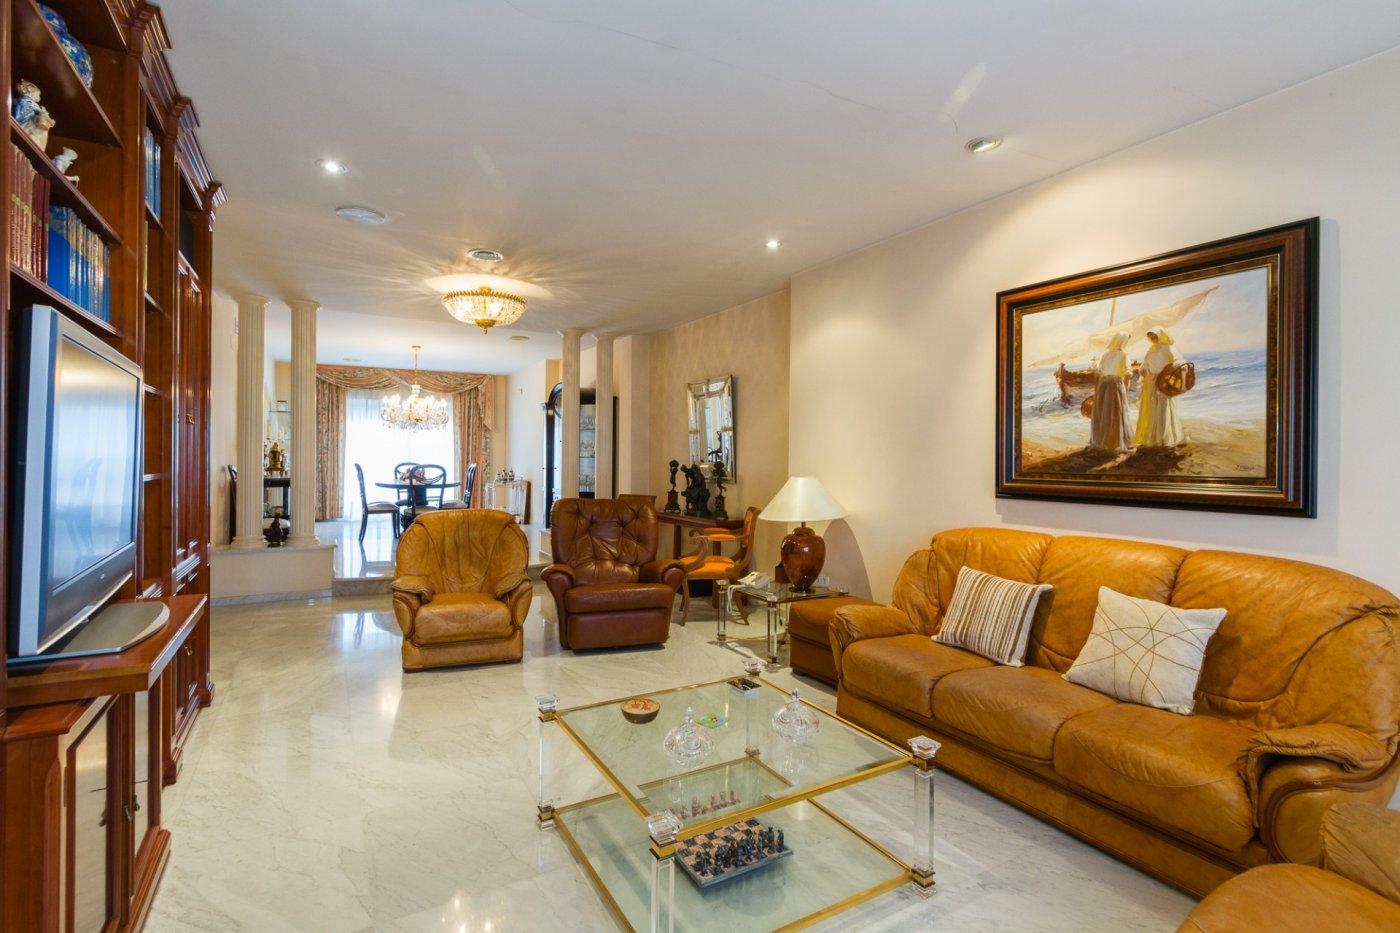 Gran casa en gandia de 800 m2 con casa de verano y nave de 300m2 - imagenInmueble4